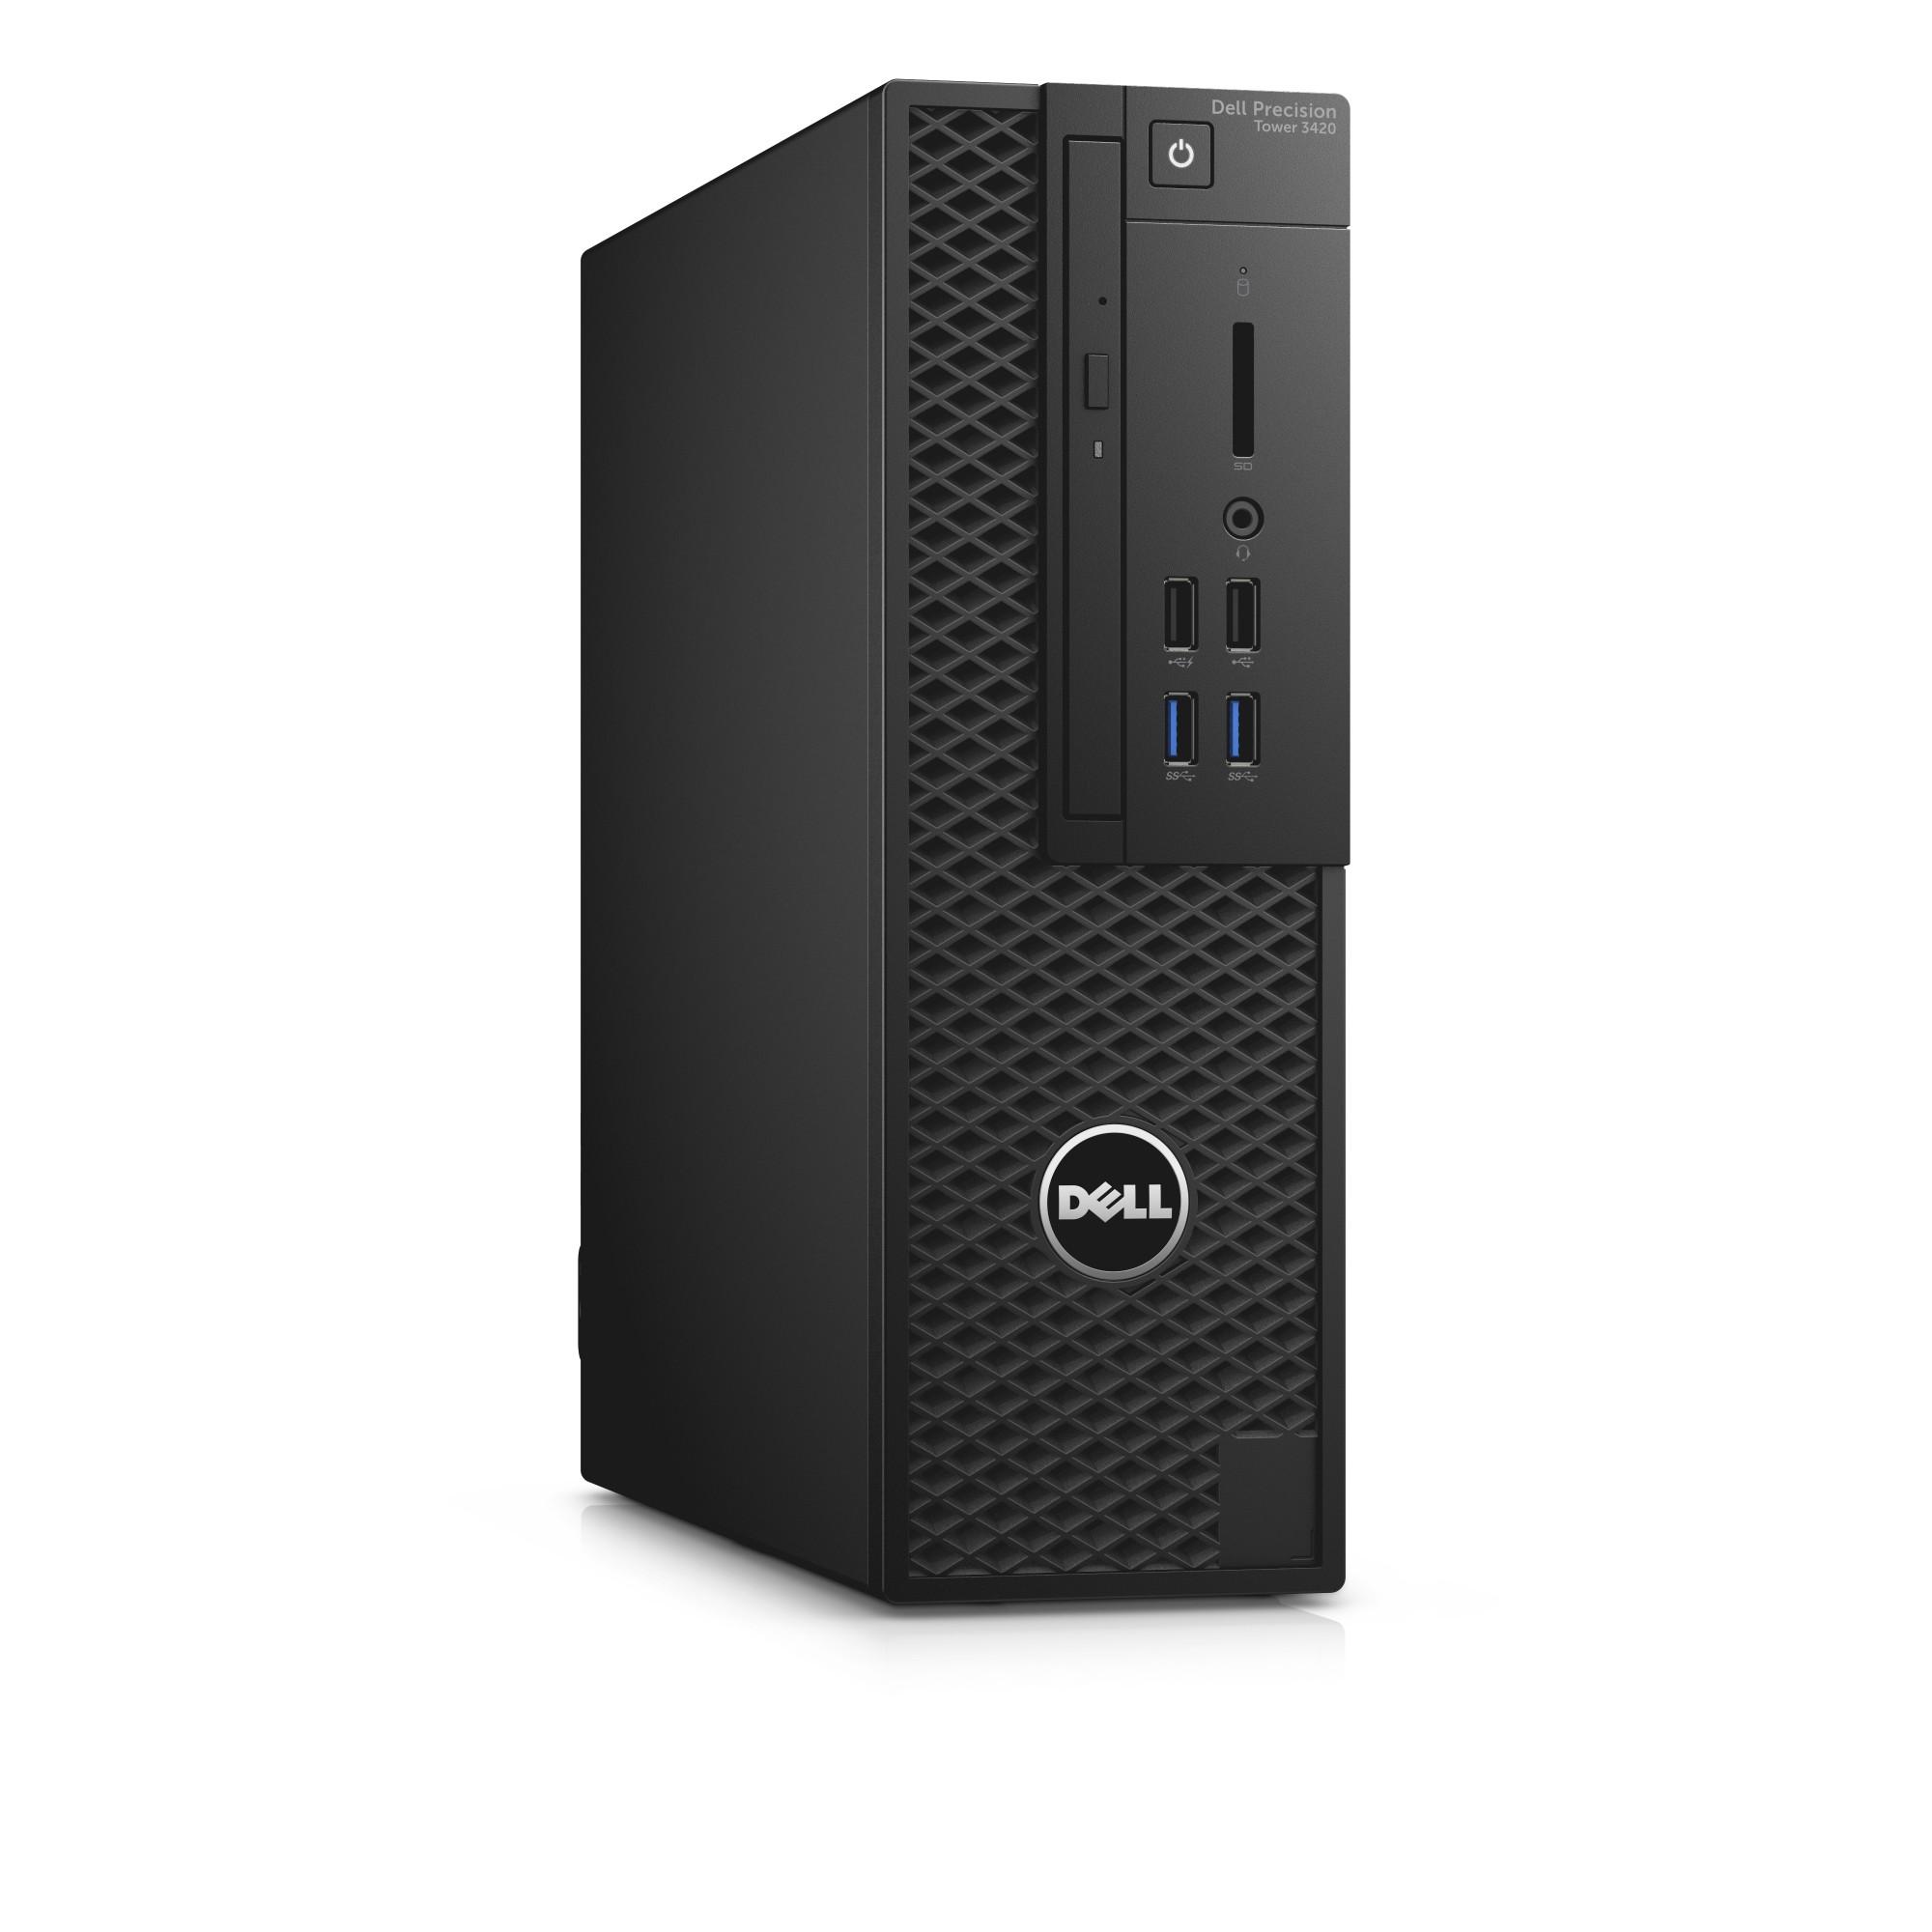 DELL Precision T3420 3.2GHz i5-6500 SFF Black Workstation